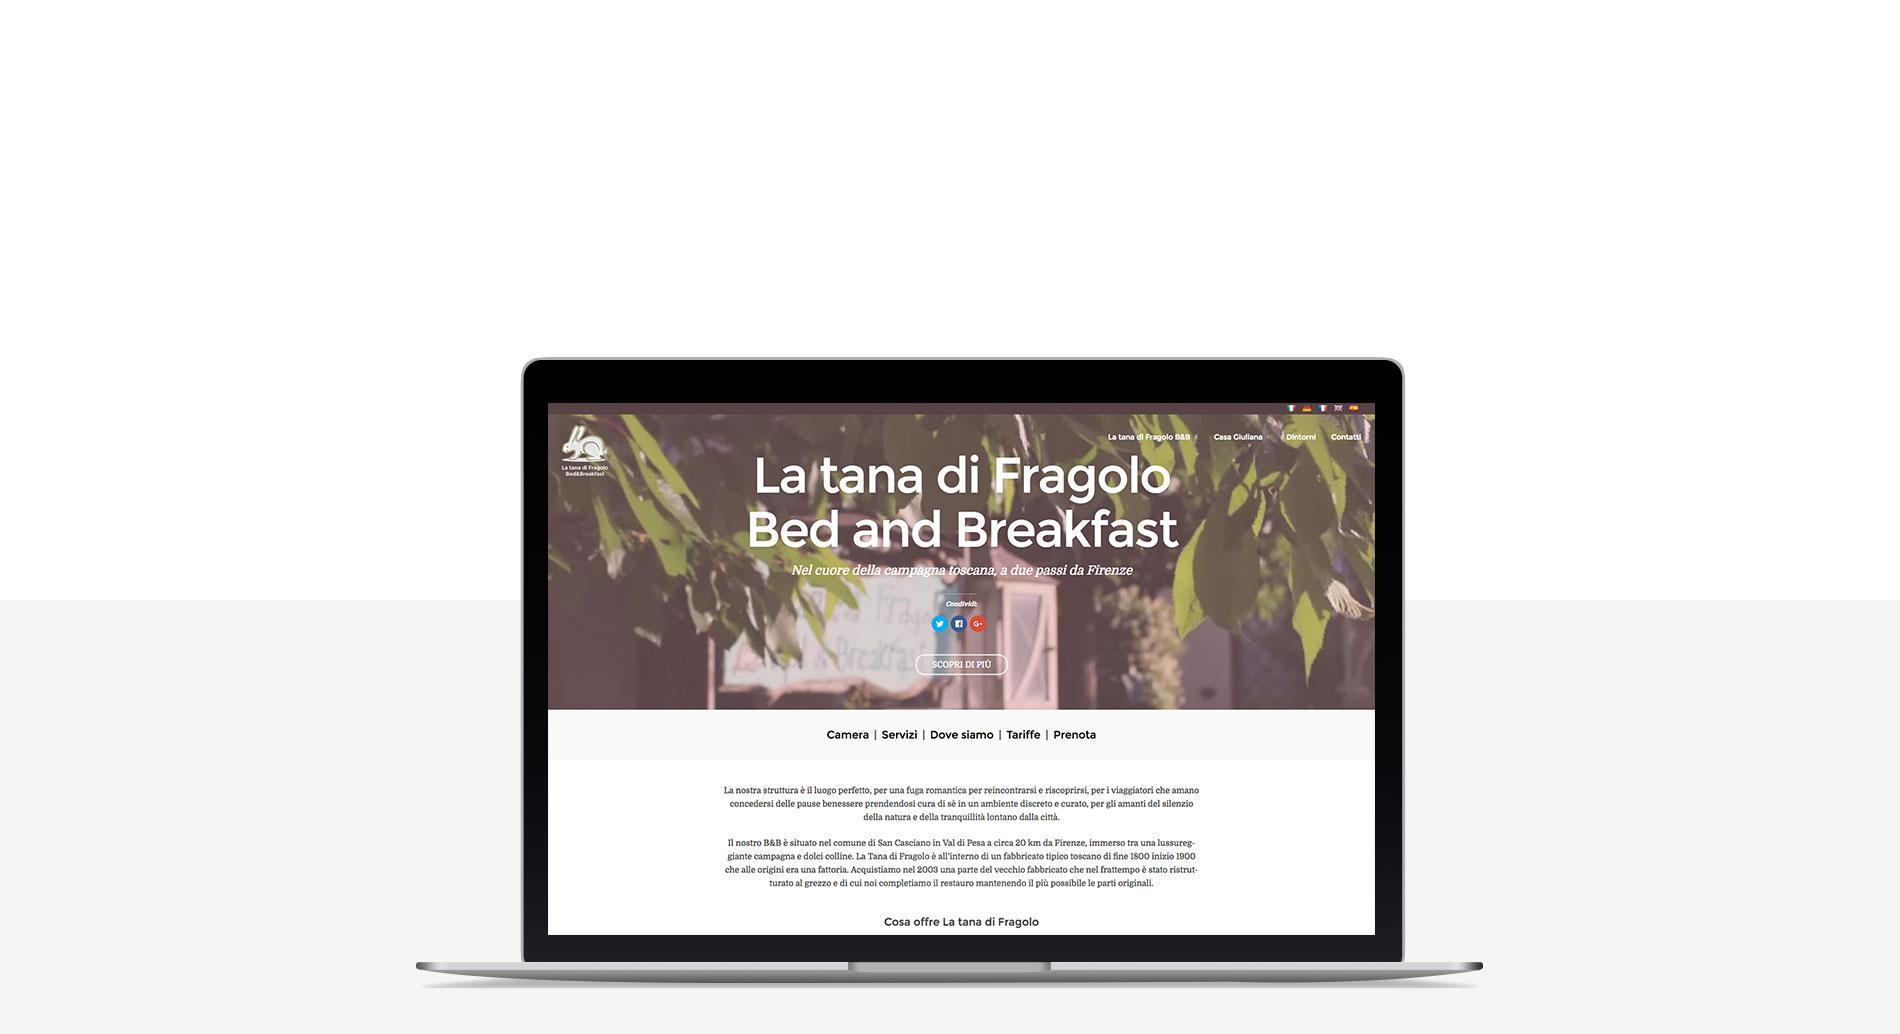 realizzazione-sito-web-la-tana-di-fragolo-0